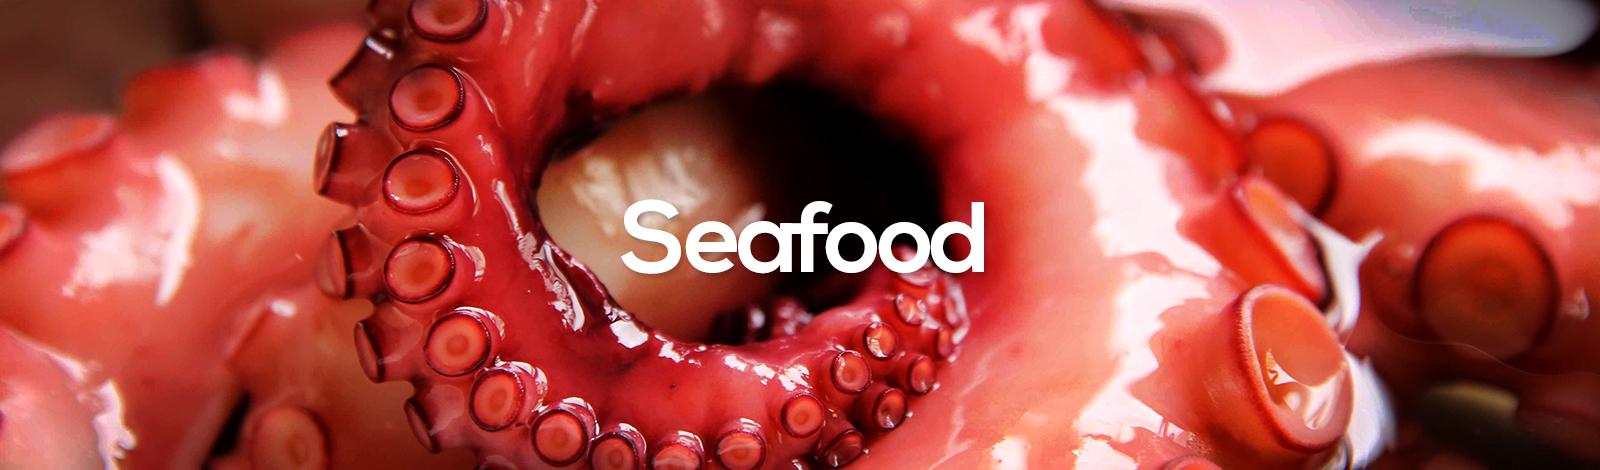 banner-produtos_seafood